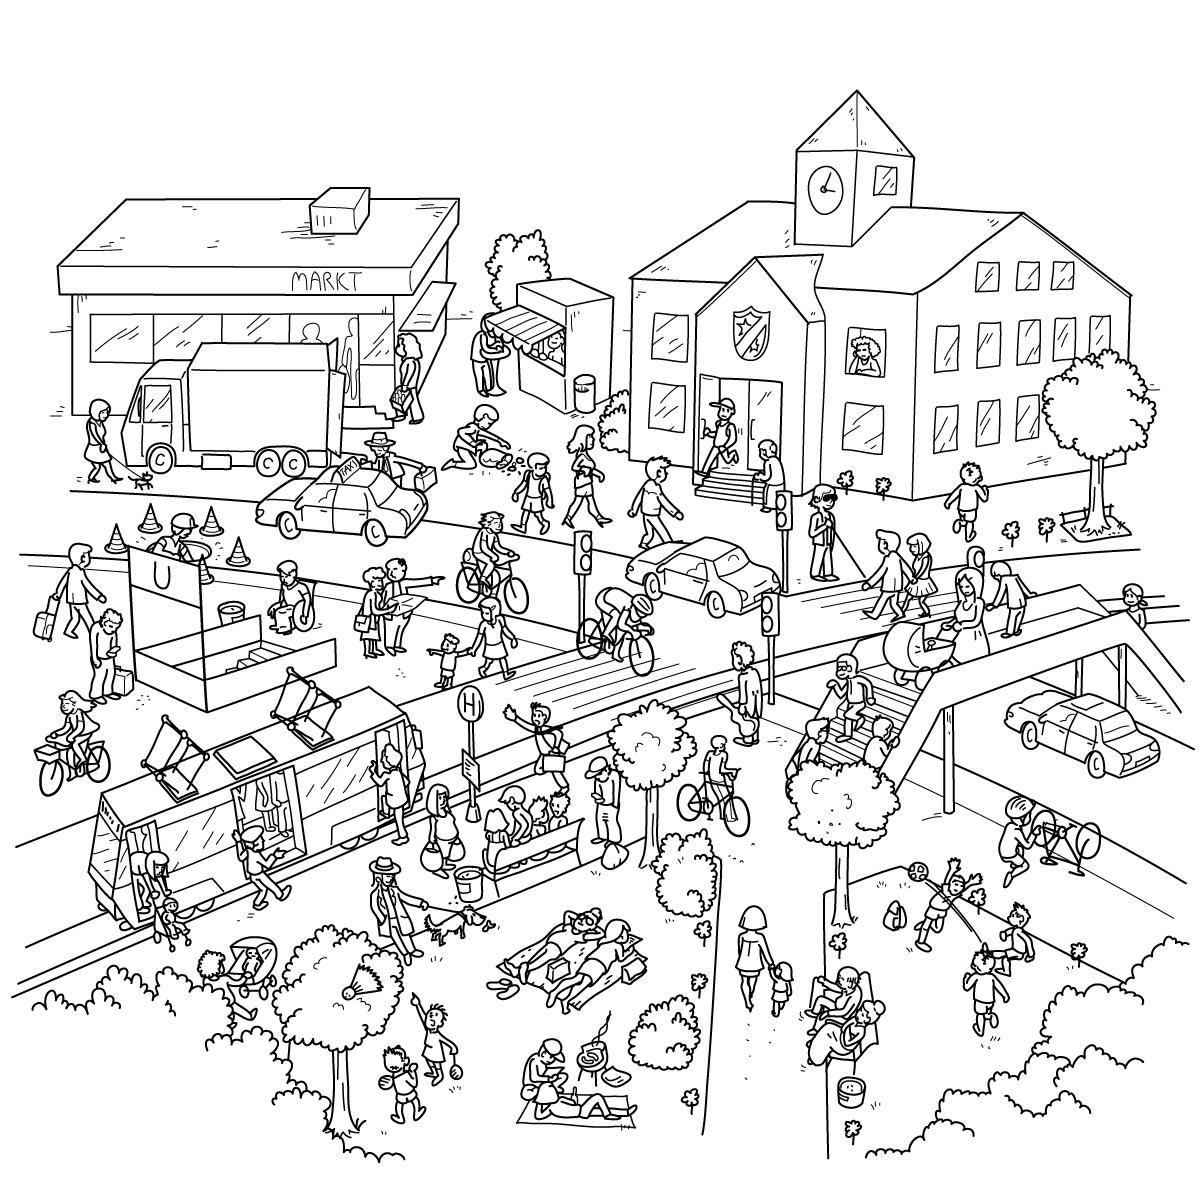 1fips' Fabrik-Blog: Wimmelbild zum Ausmalen